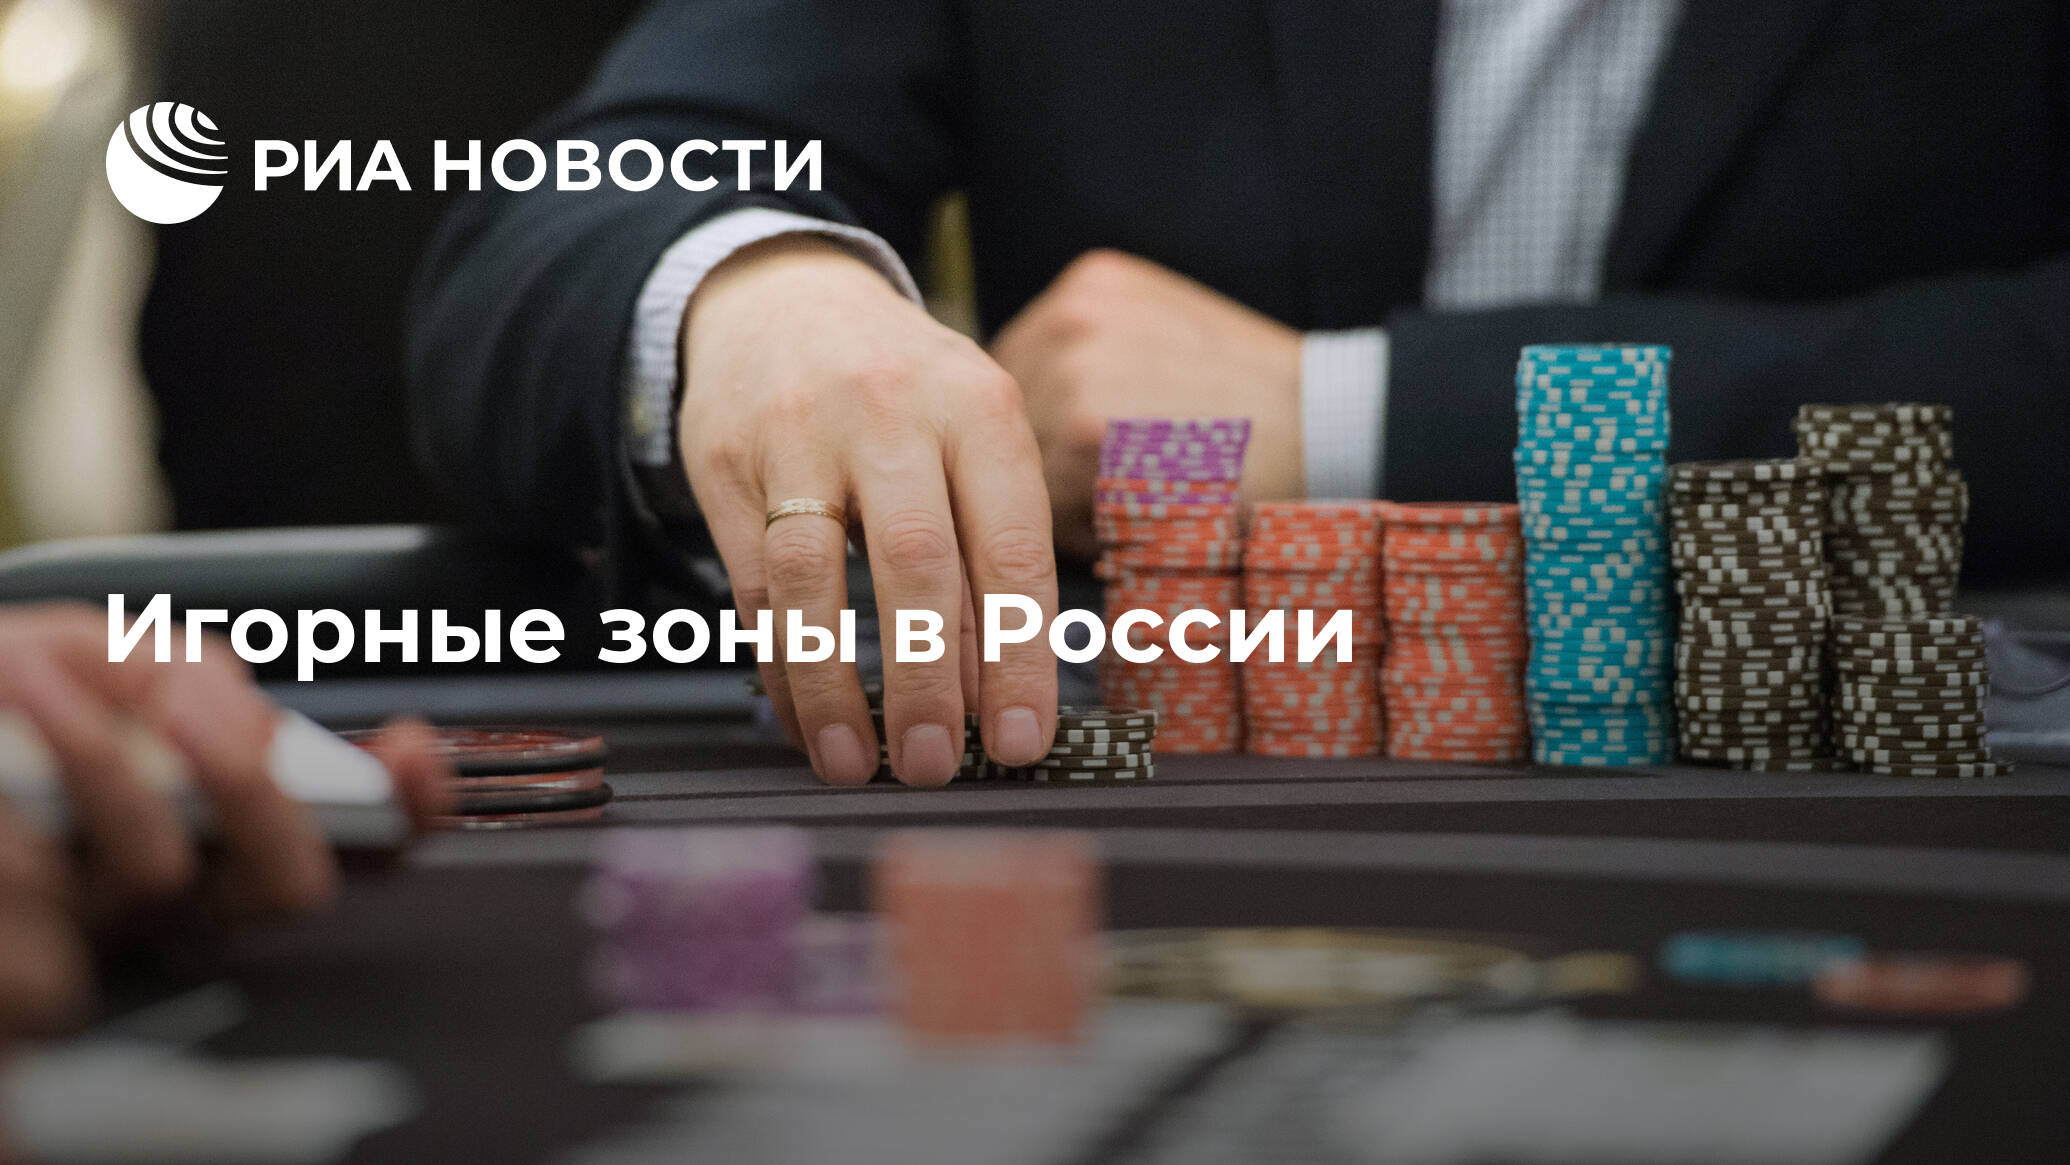 Планируется выдать льготный кредит на целое число миллионов рублей на пять лет 10